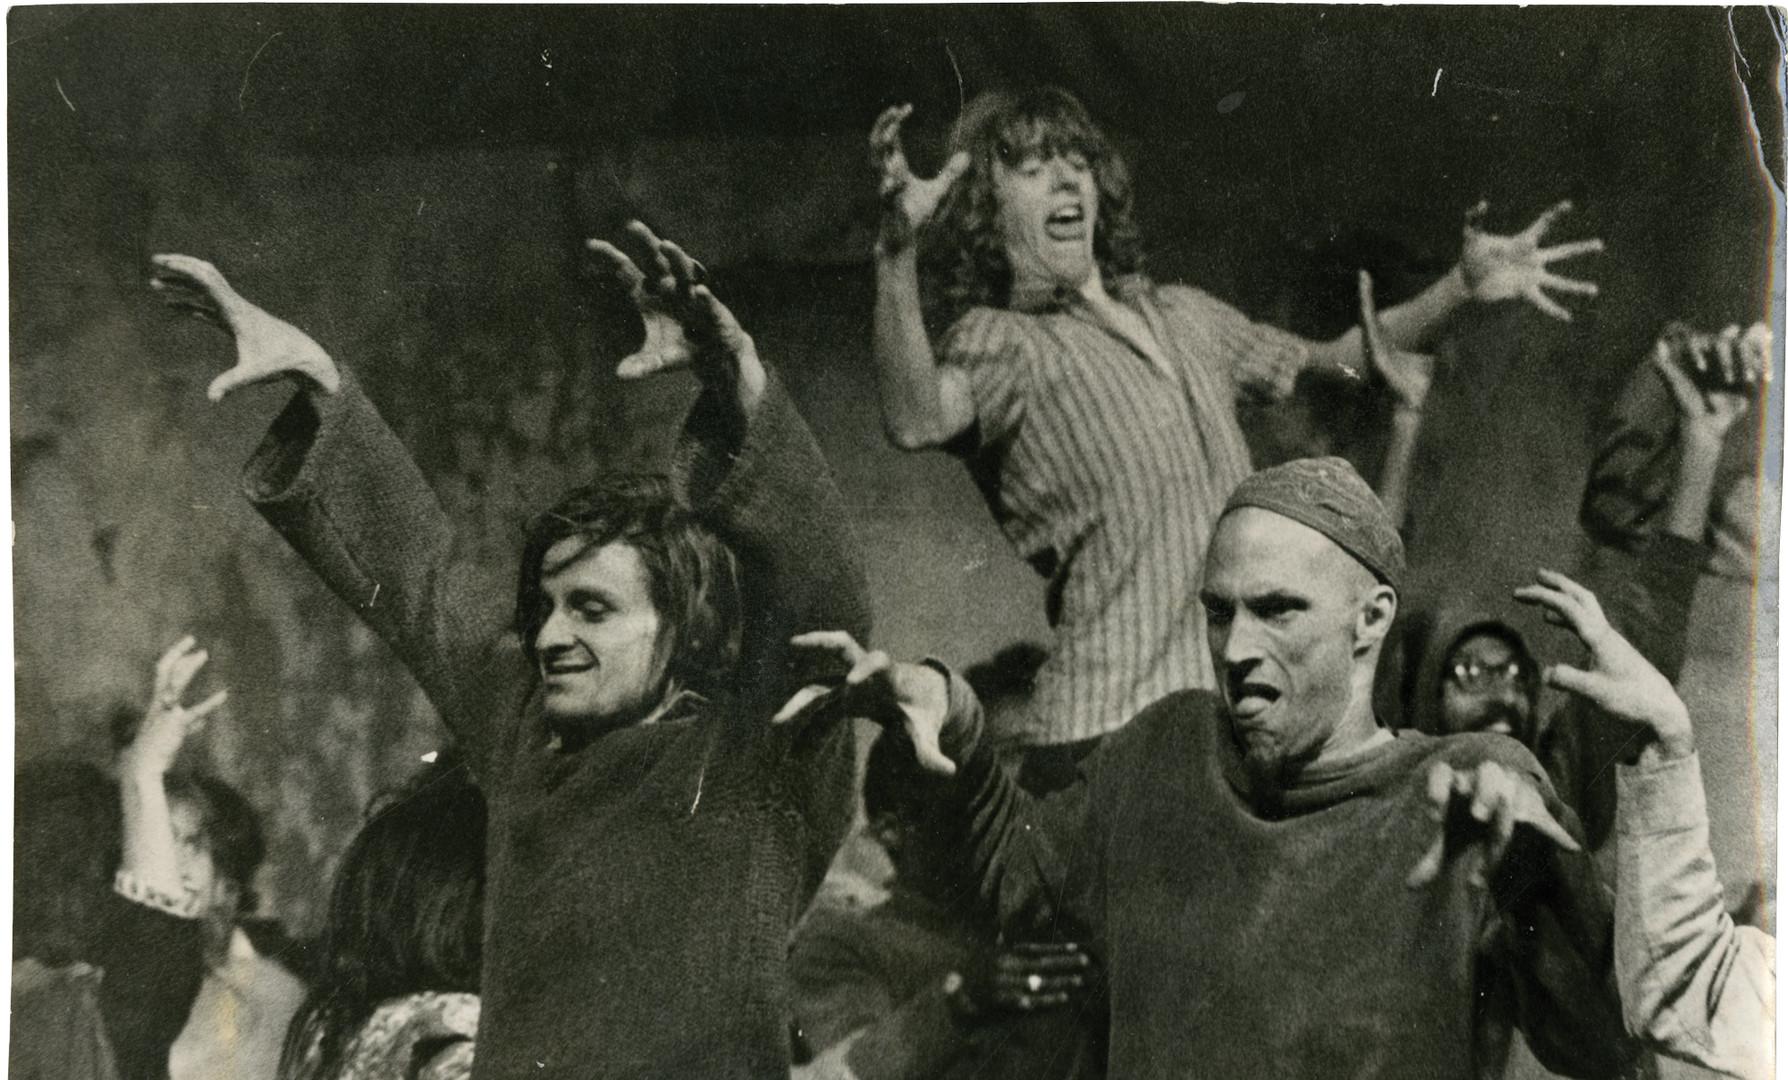 Paradise Now (1968, Julian Beck, Judith Malina)